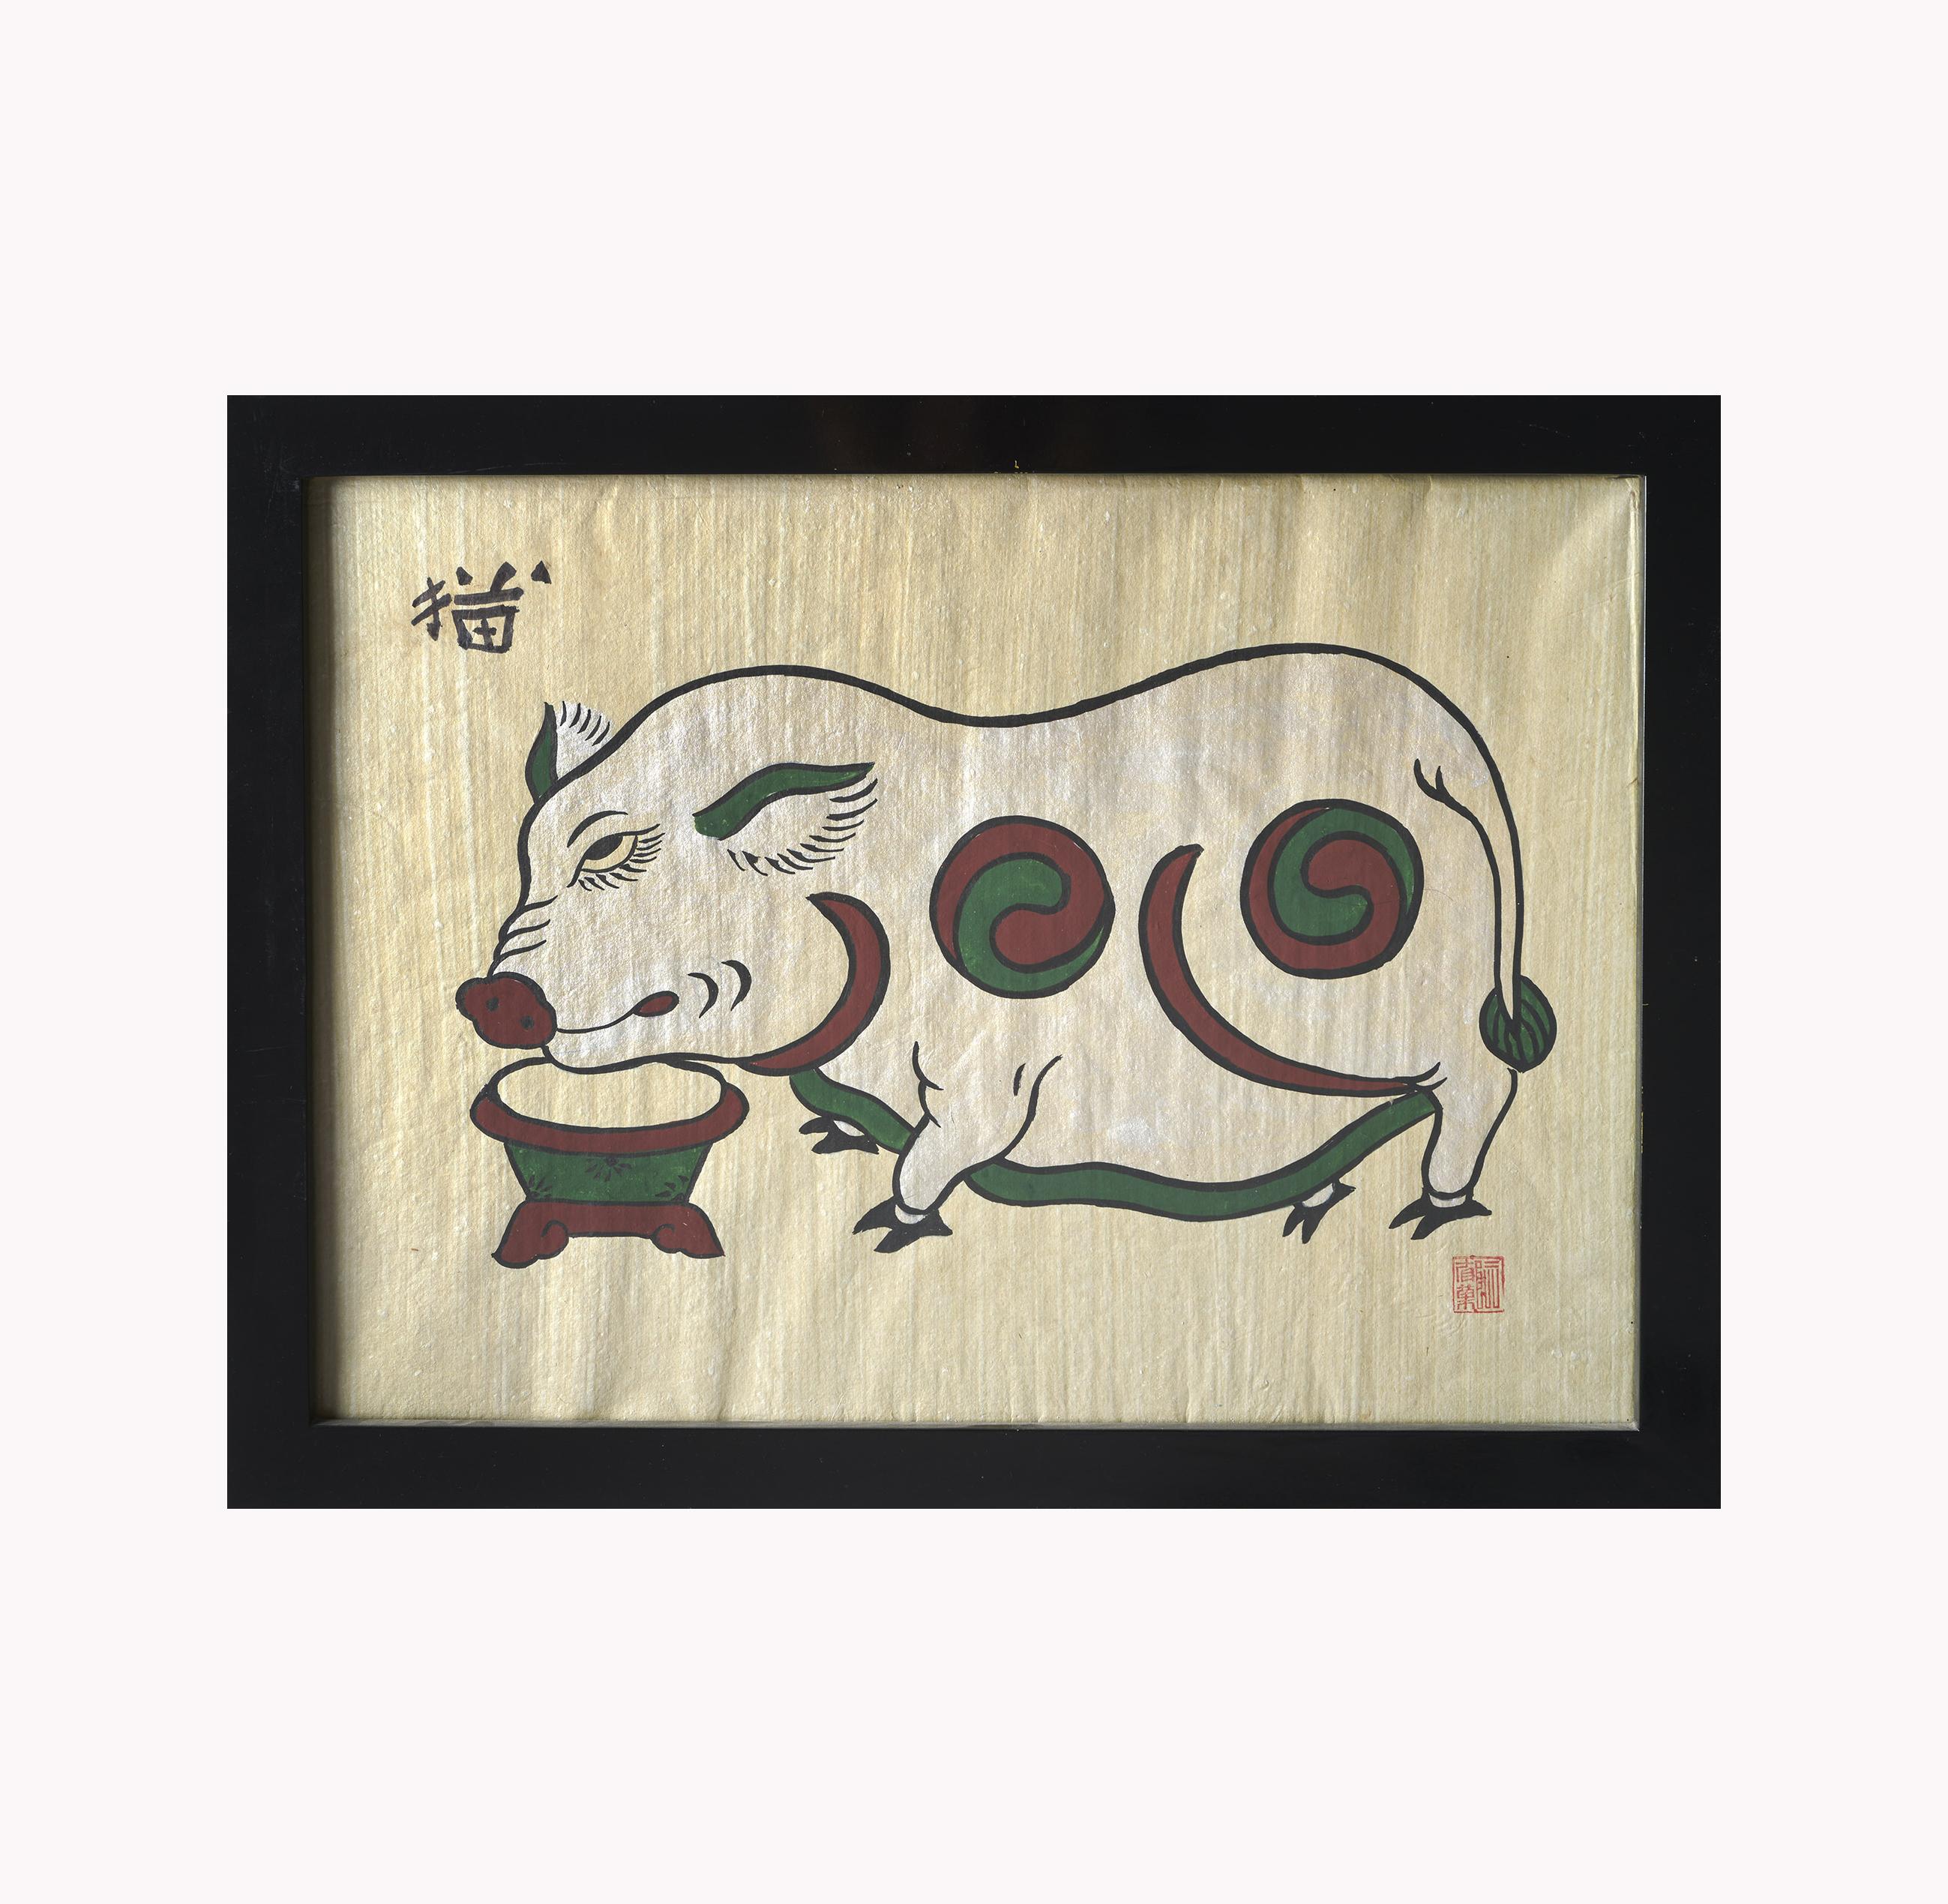 Grabado enmarcado Cerdo fondo crudo